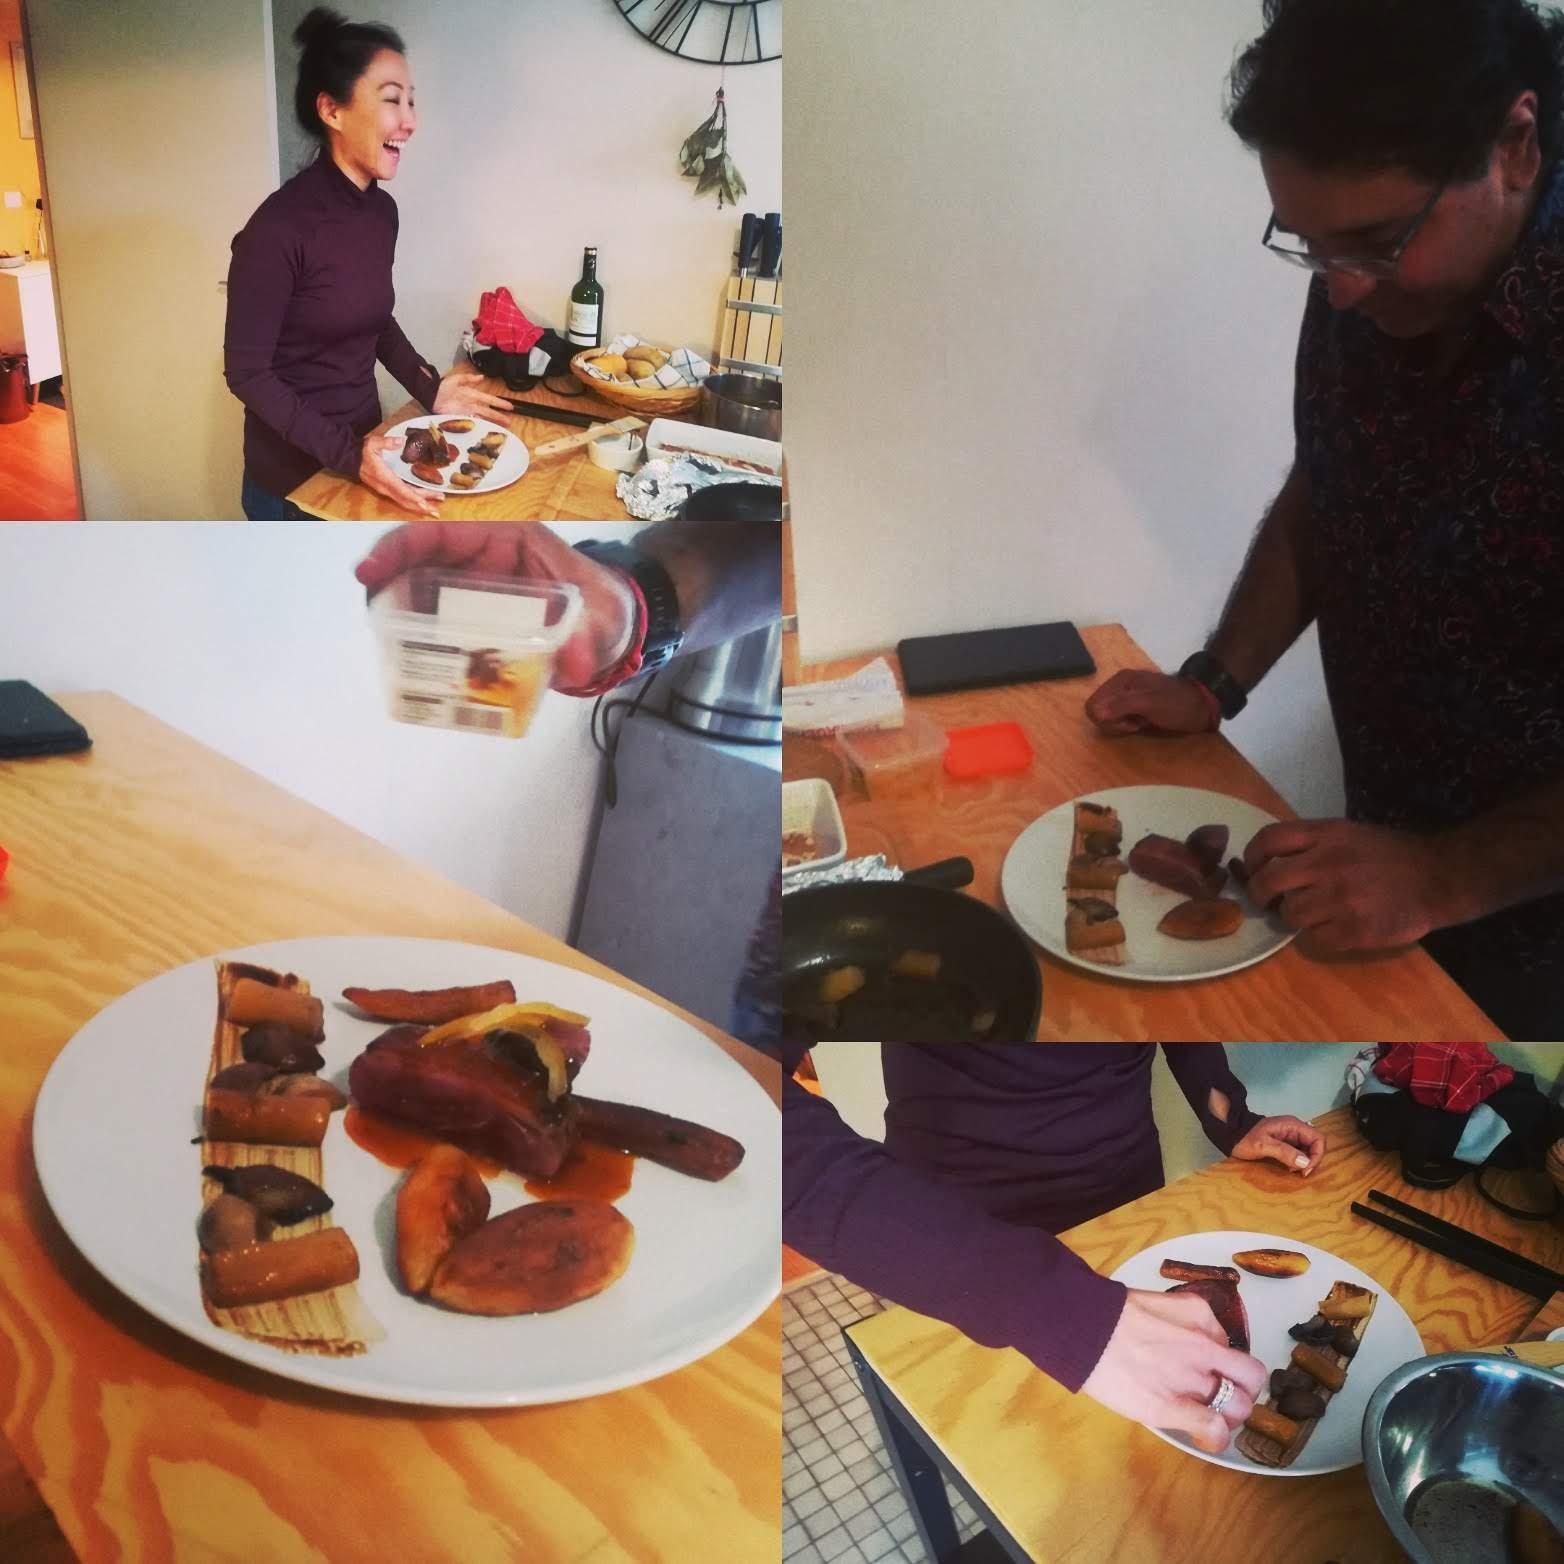 Cours De Cuisine A Bordeaux Avec Une Chef Professionelle